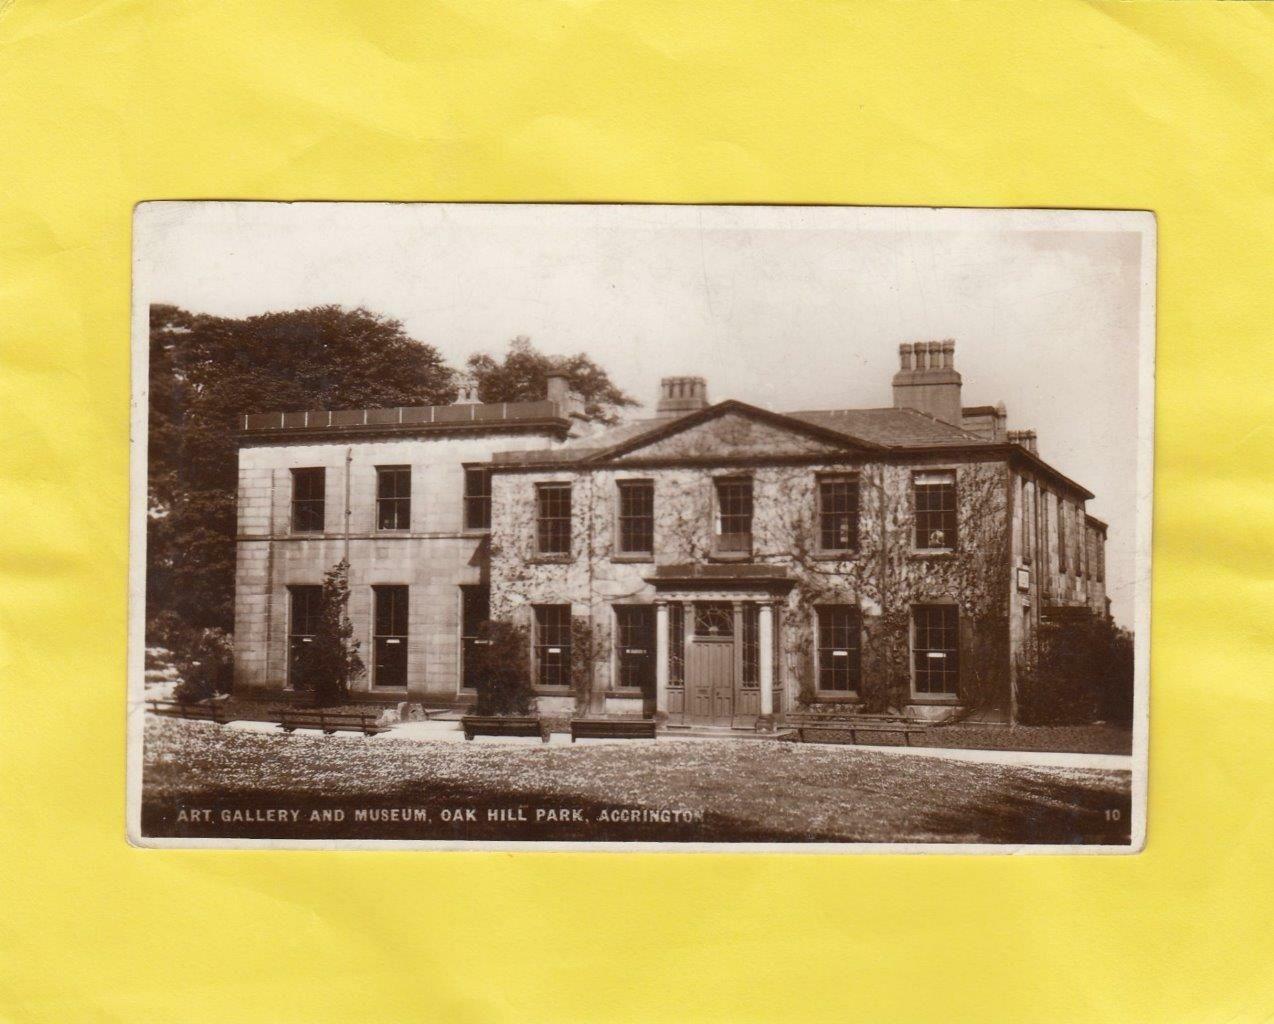 ACCRINGTON Oak Hill Park Lancashire ( Hm22 ) eBay in